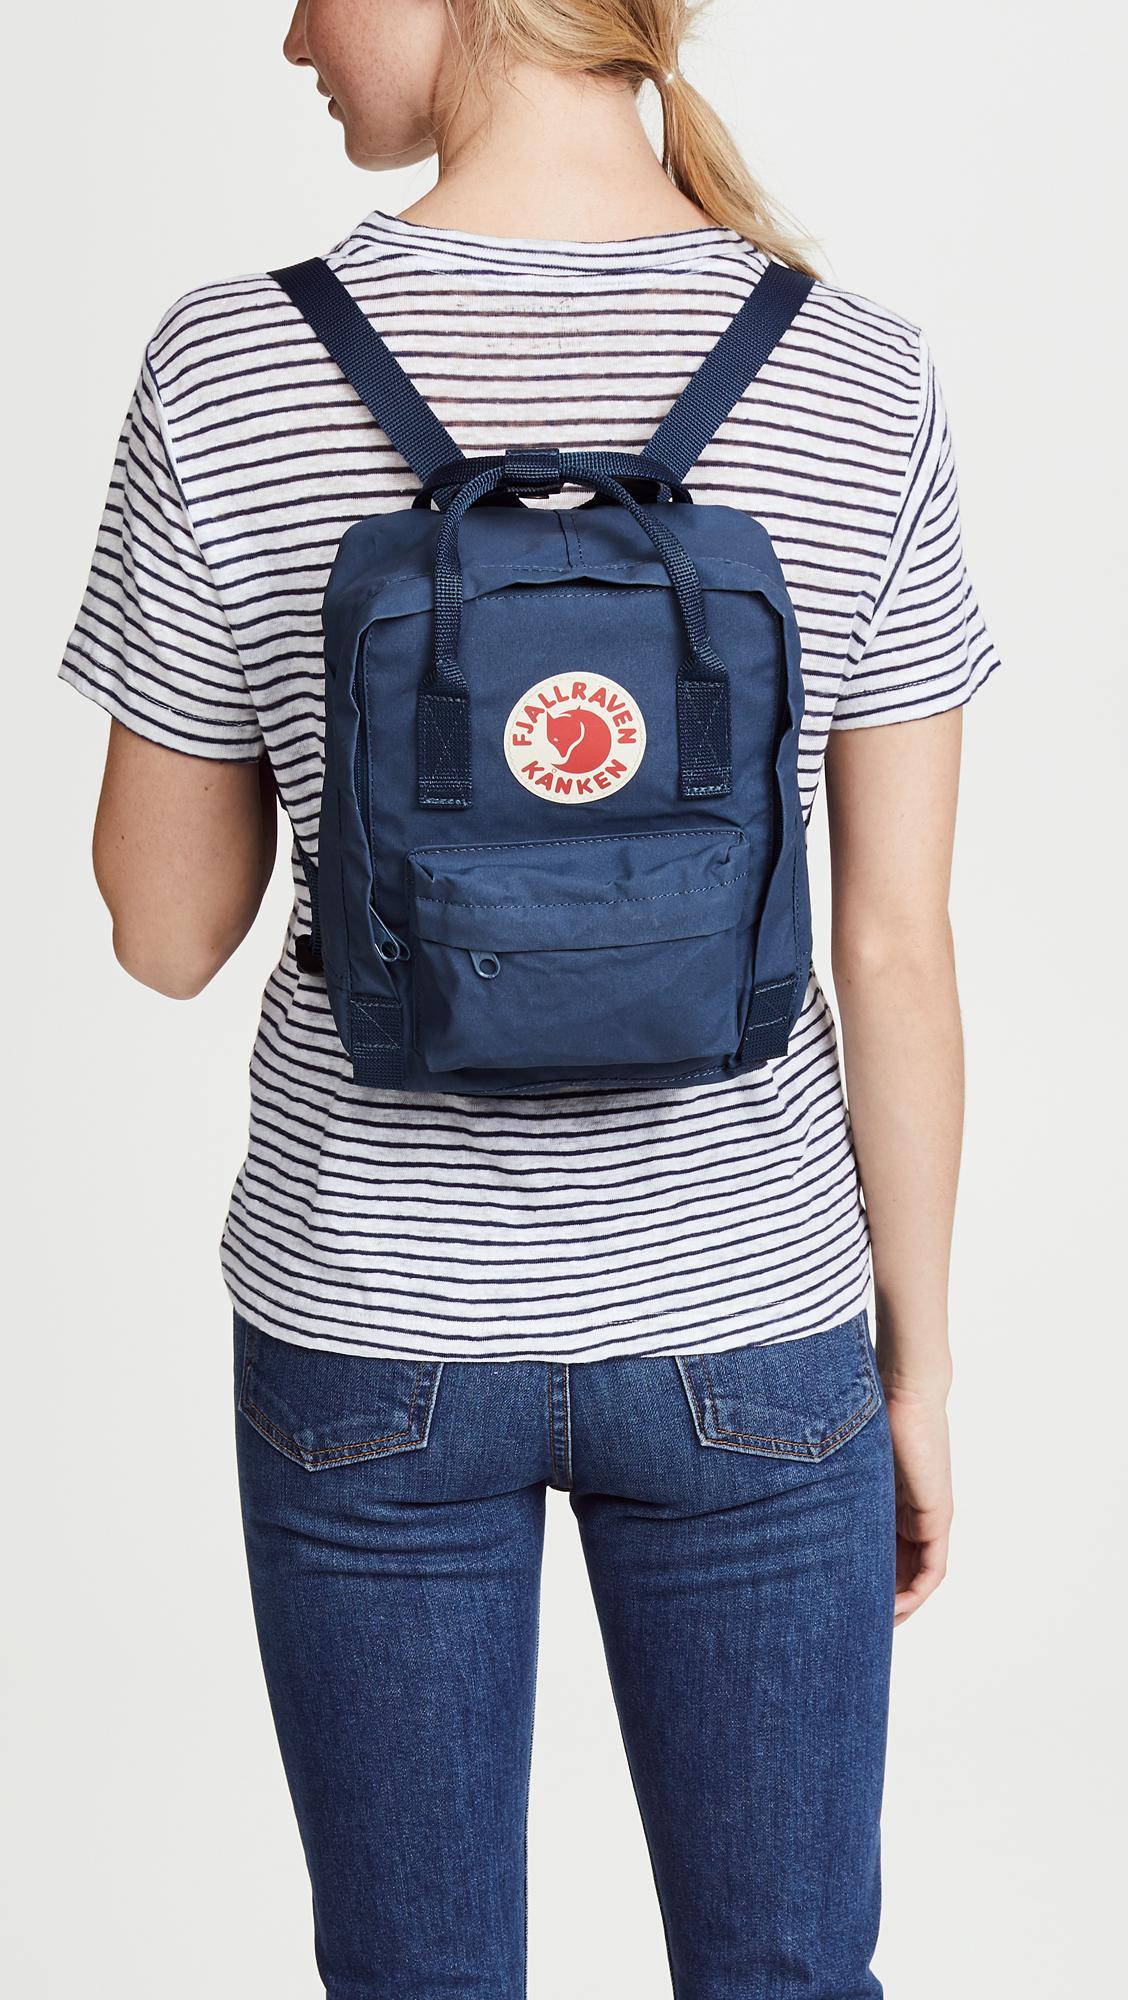 b76ee568927f2 ... Fjallraven - Blue Kanken Mini Backpack - Lyst. Visit Shopbop. Tap to  visit site